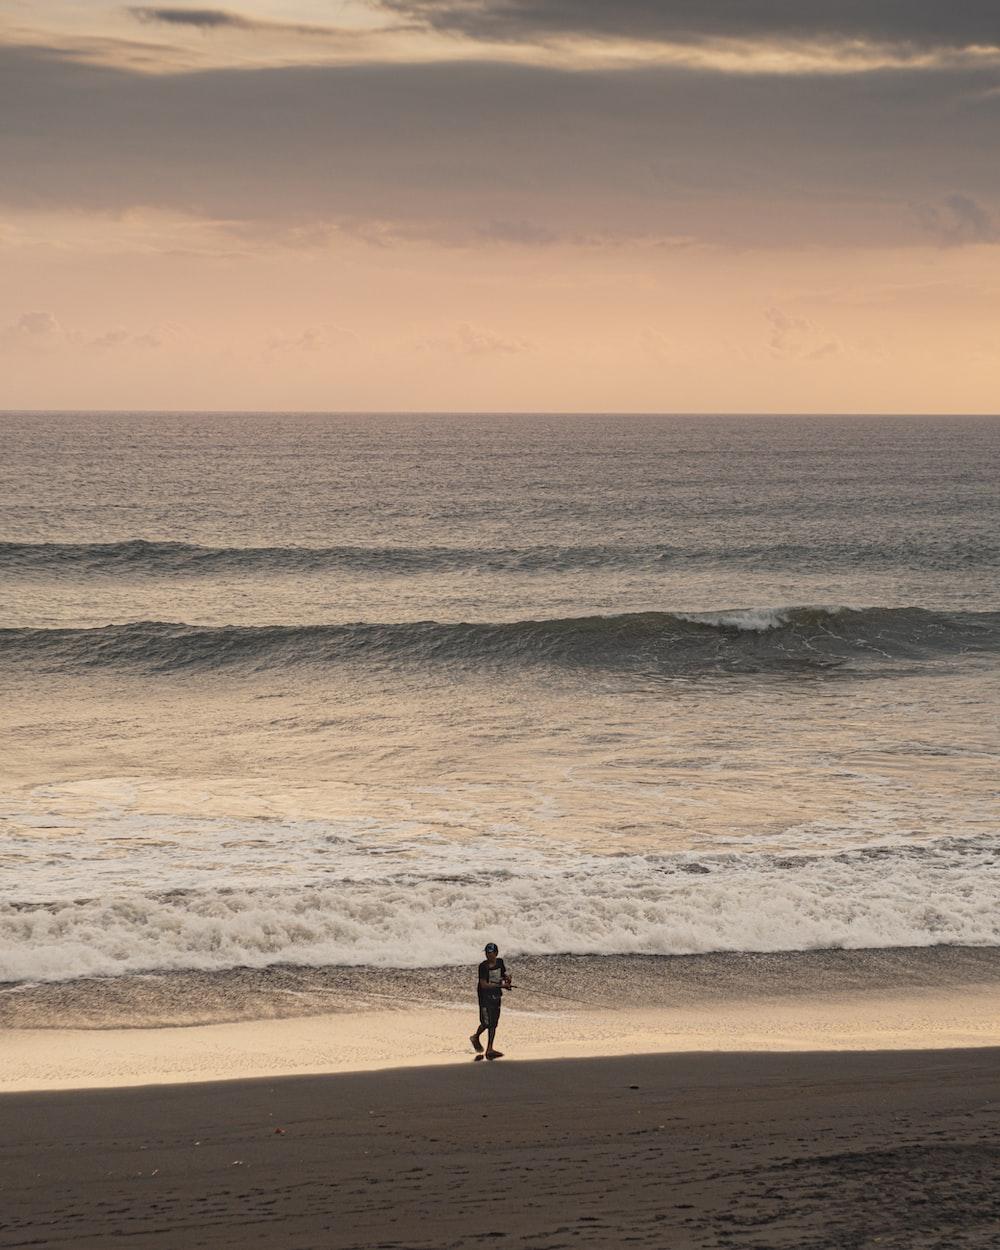 man in black shirt walking on beach during sunset